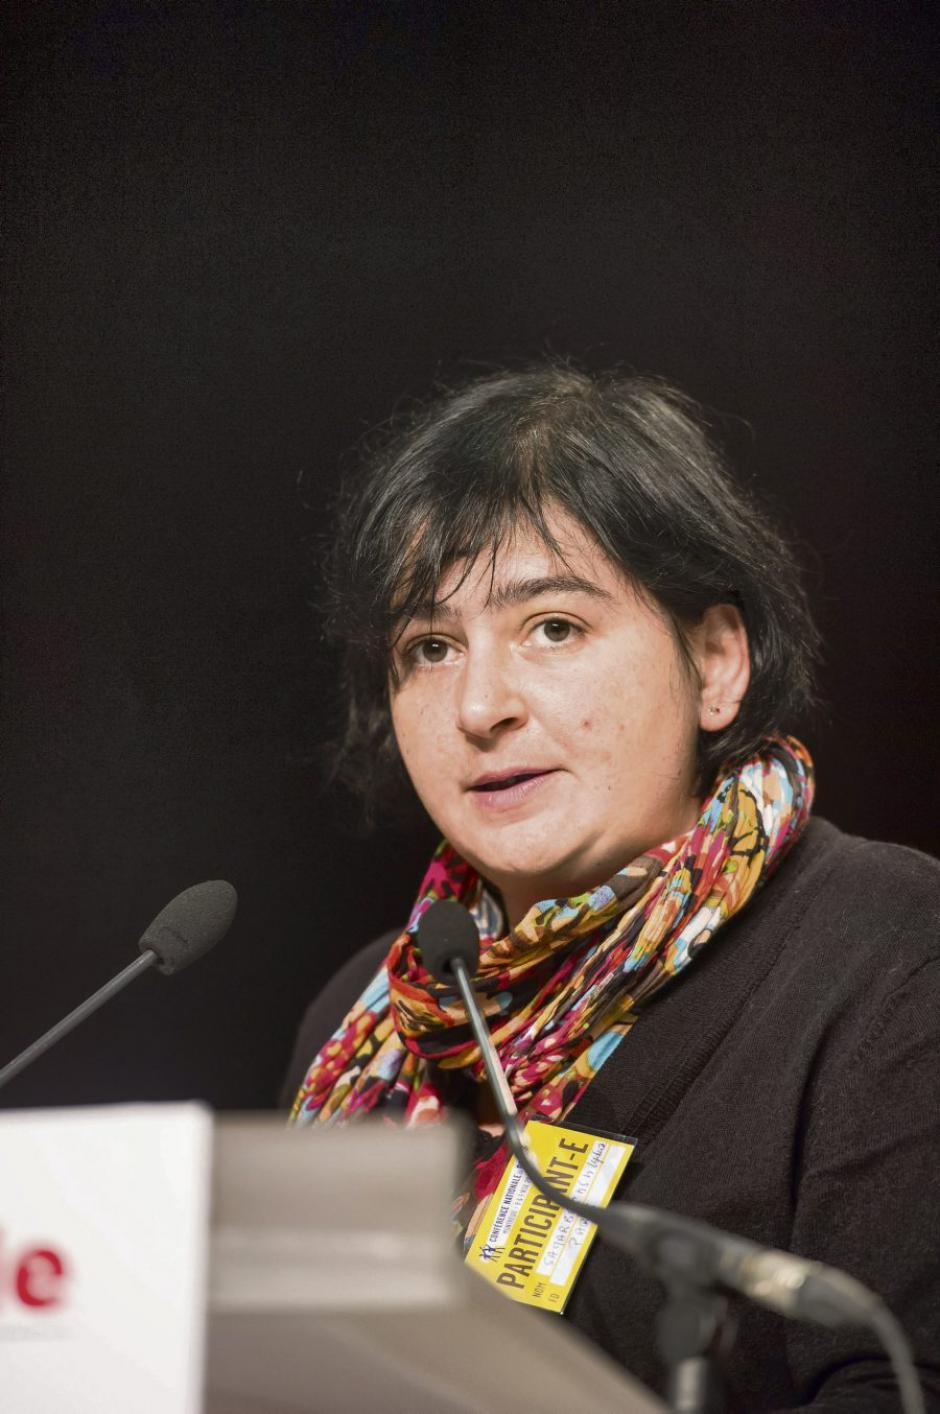 Repenser notre place et notre rôle dans un monde à changer, Lydia Samarbakhsh*